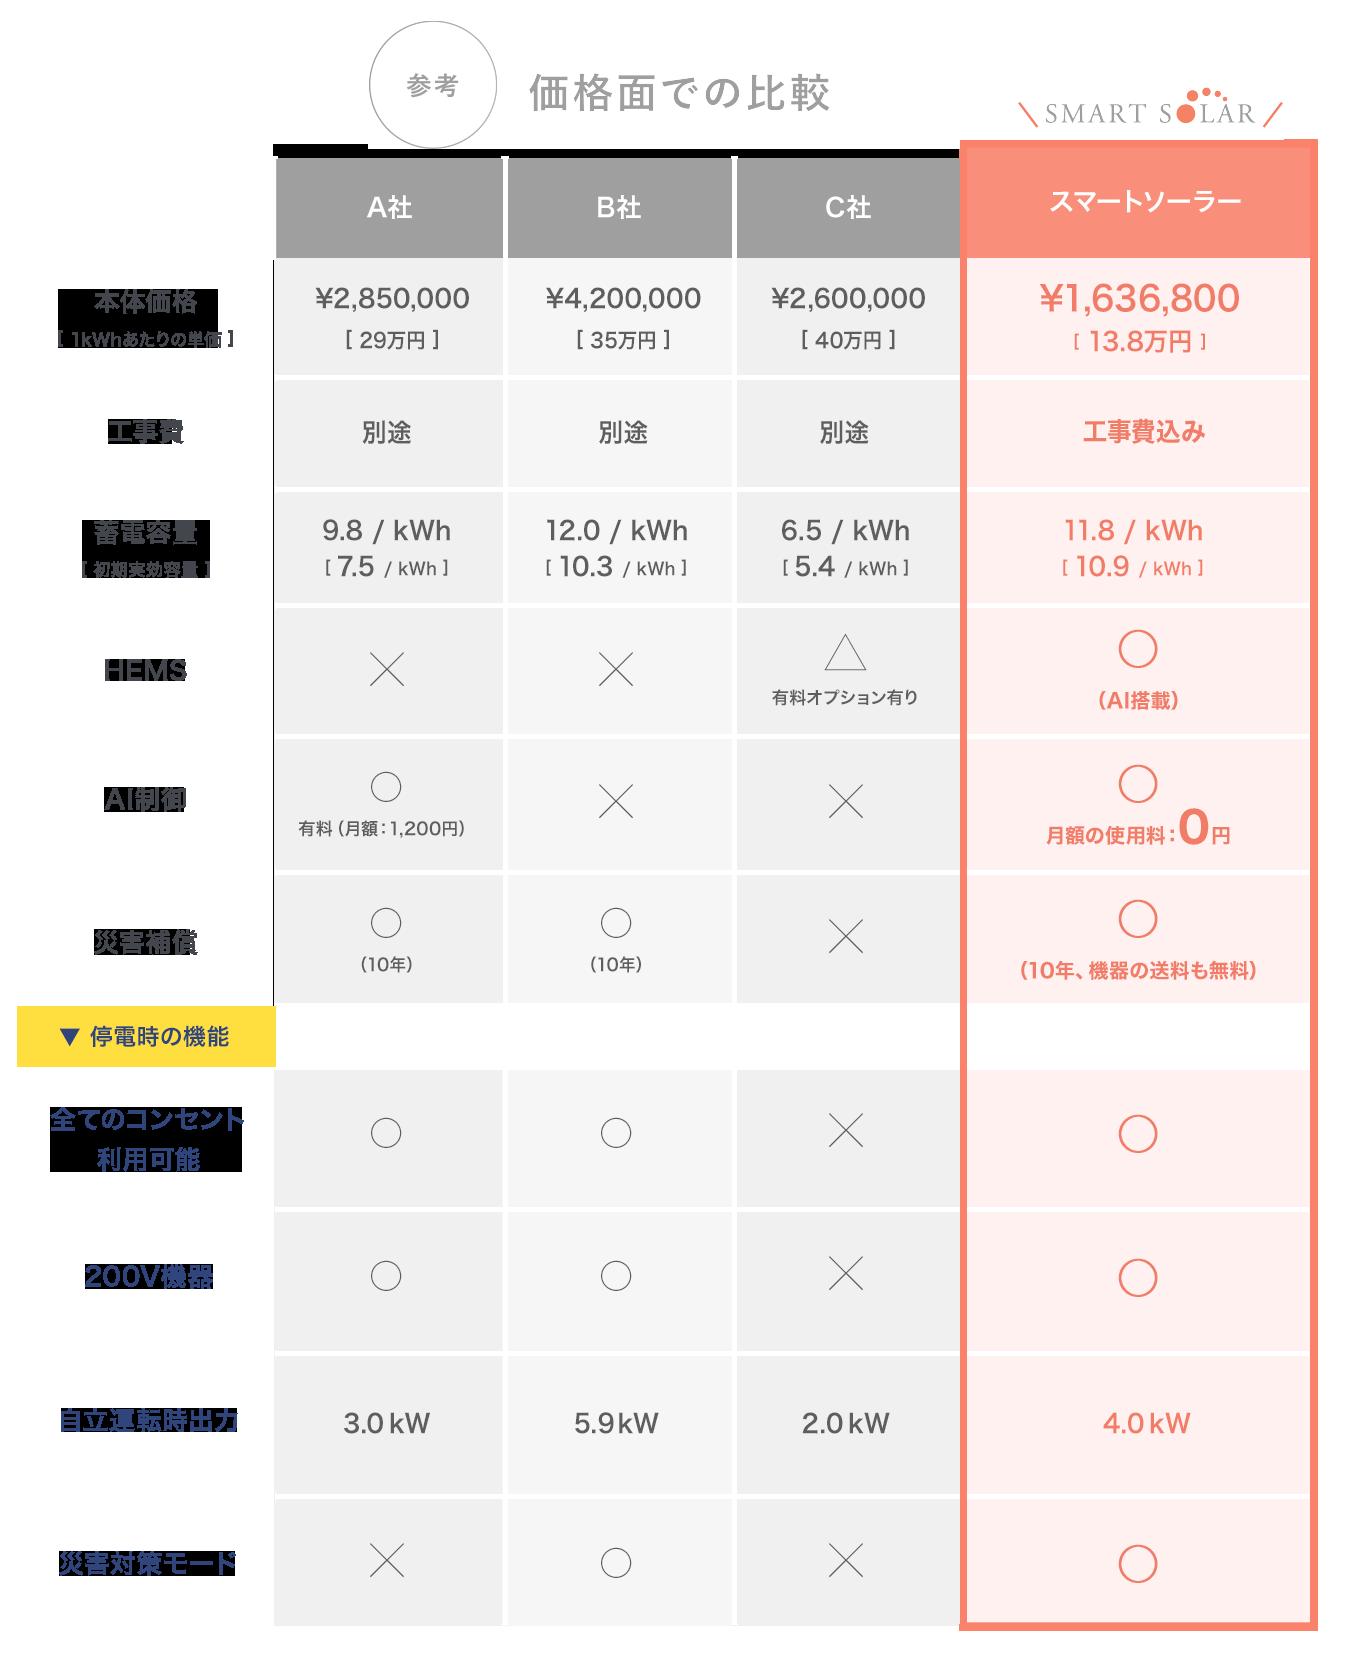 (参考)価格面での比較